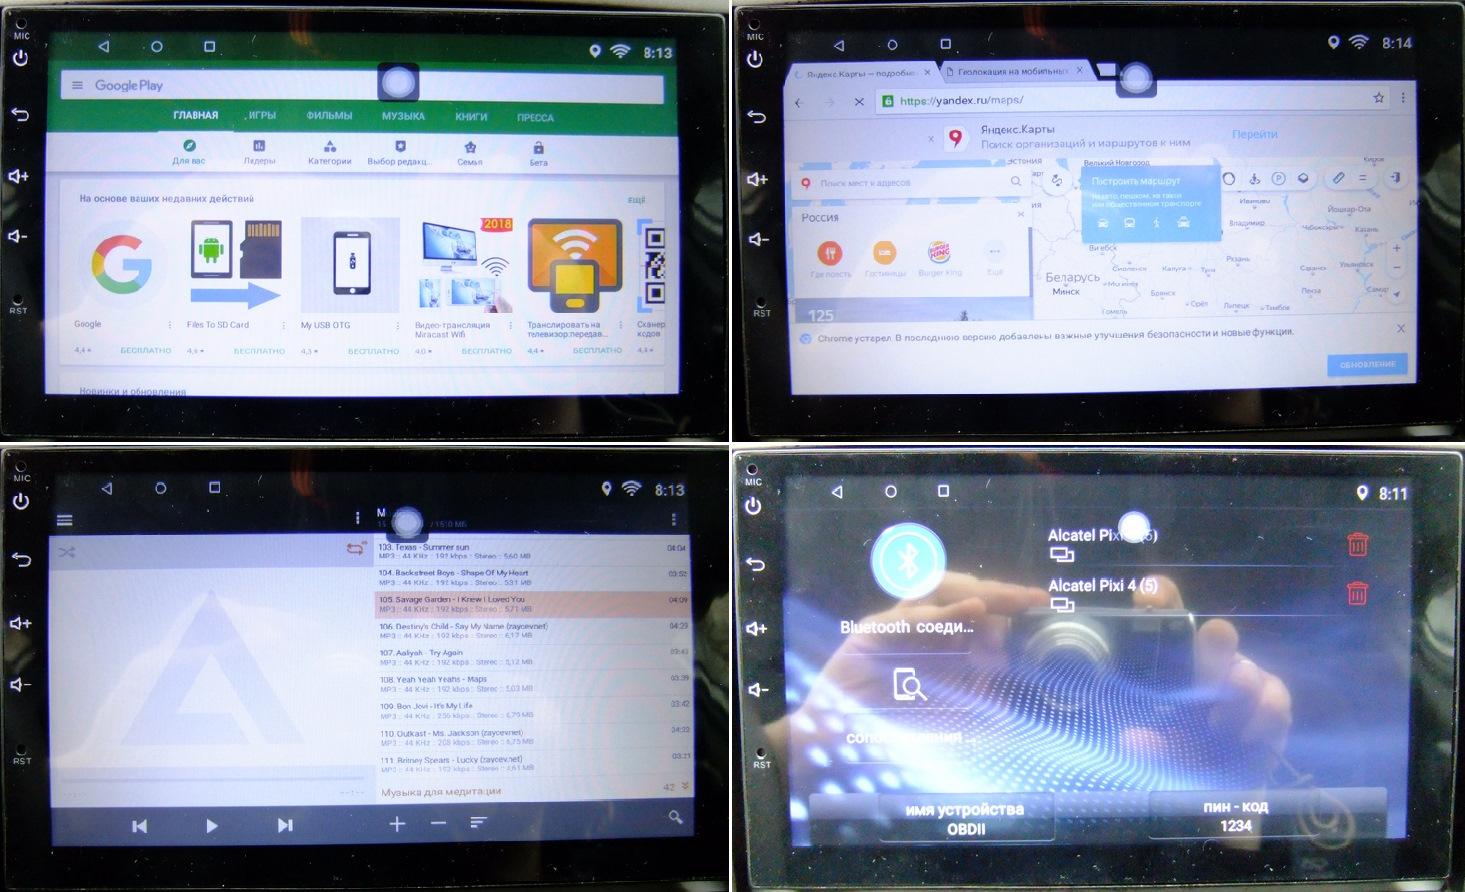 Обзор и установка магнитолы на Android 7 1 из Китая